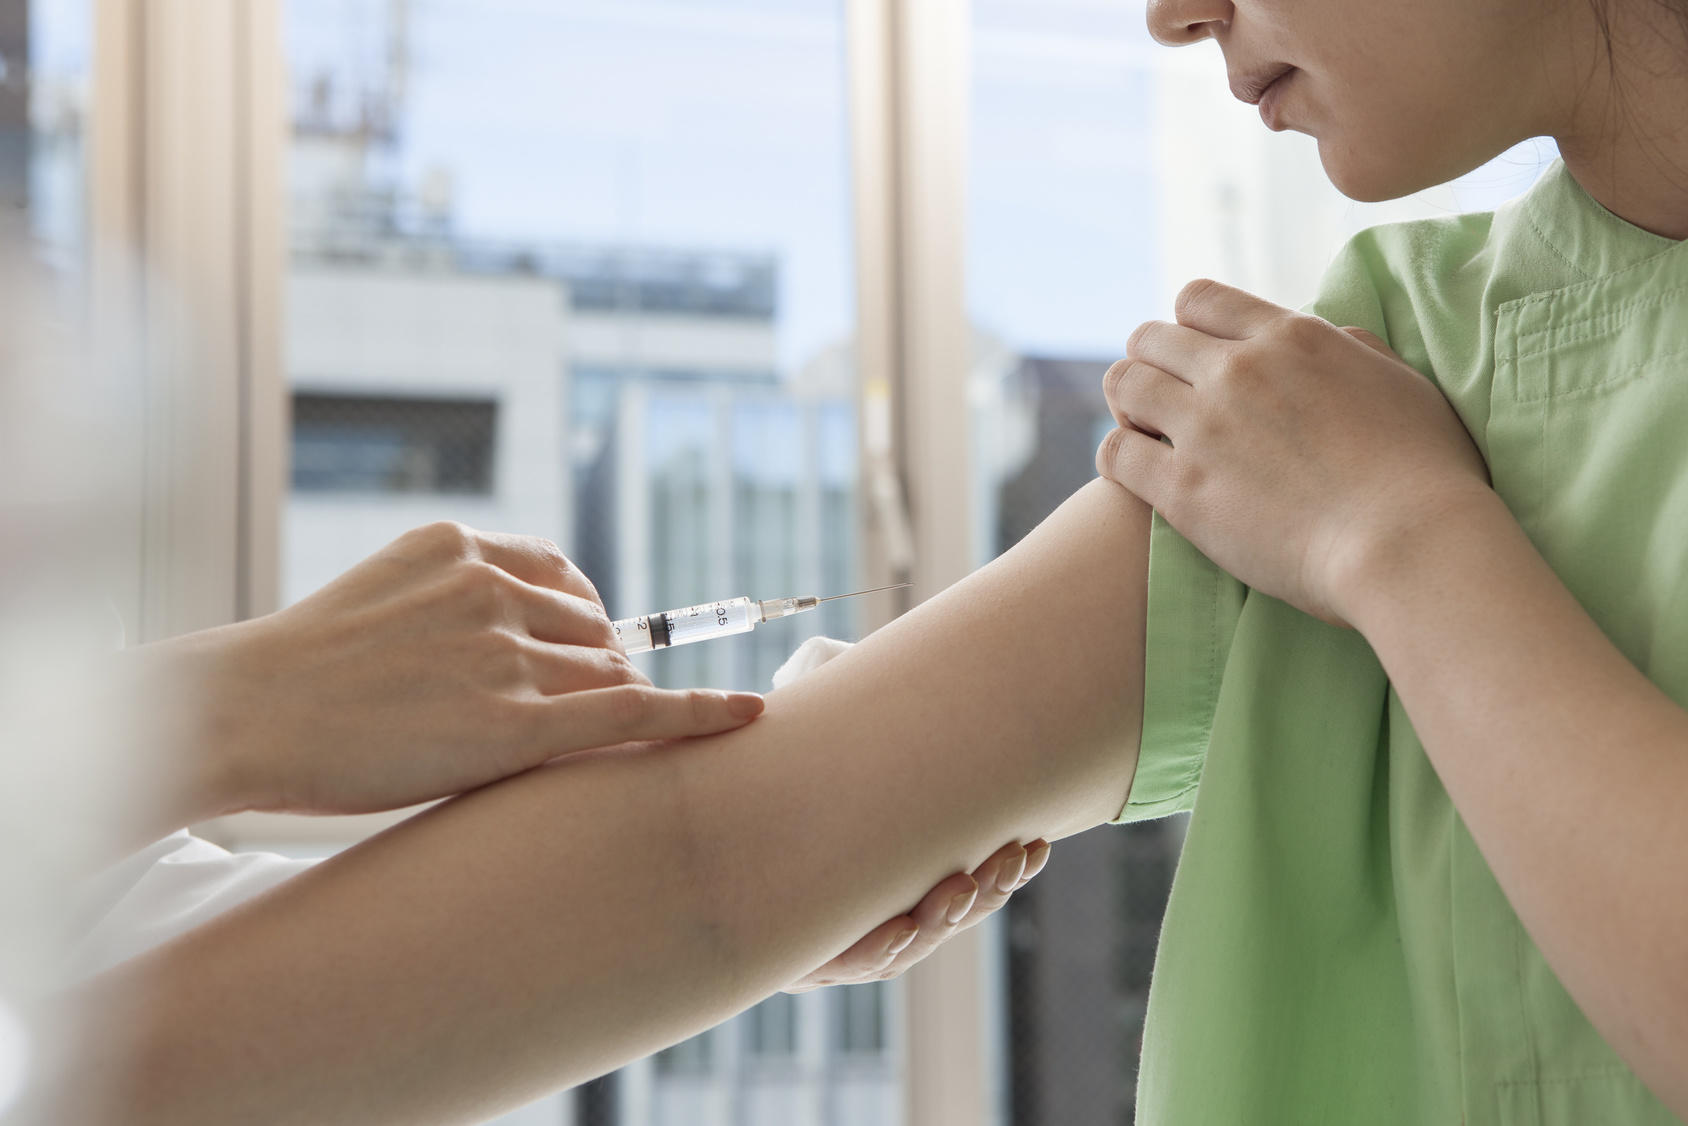 先天性風しん症候群を防ぐ方策などを議論―厚生科学審議会感染症部会